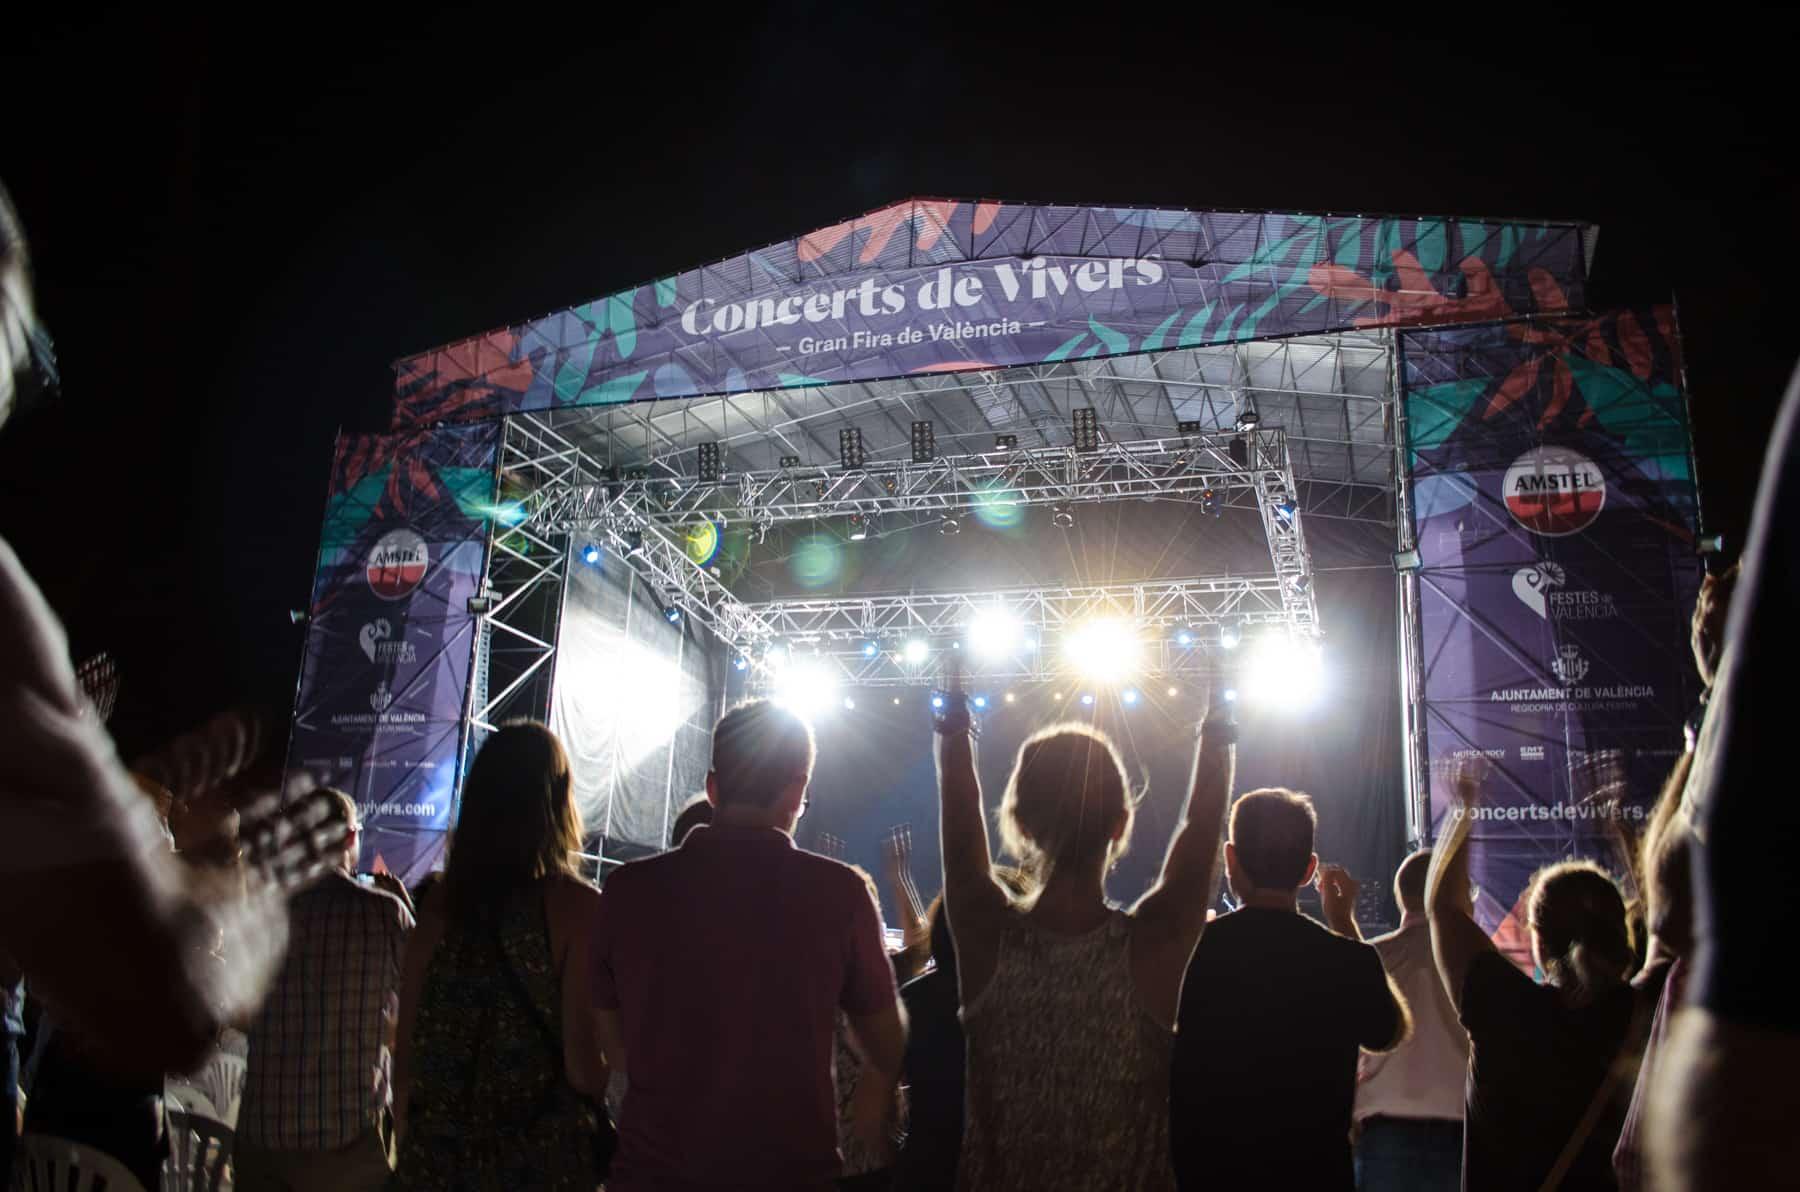 Concerts de Vivers 2019